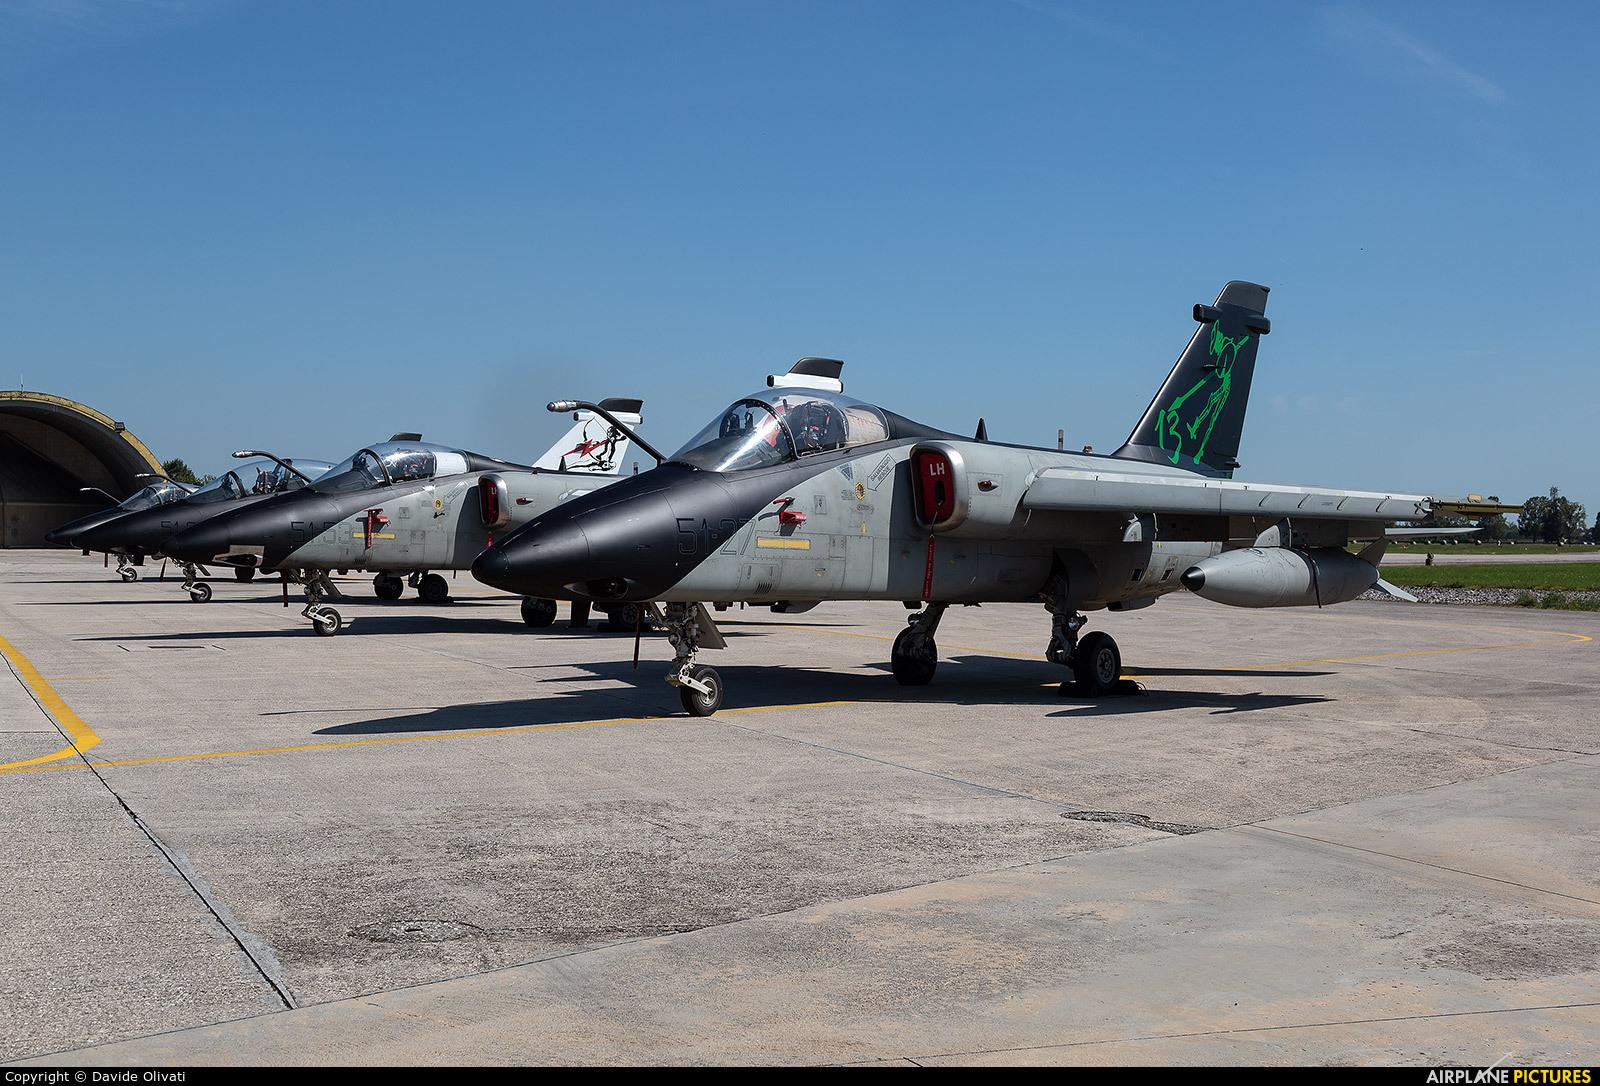 Italy - Air Force MM7114 aircraft at Treviso - Istrana